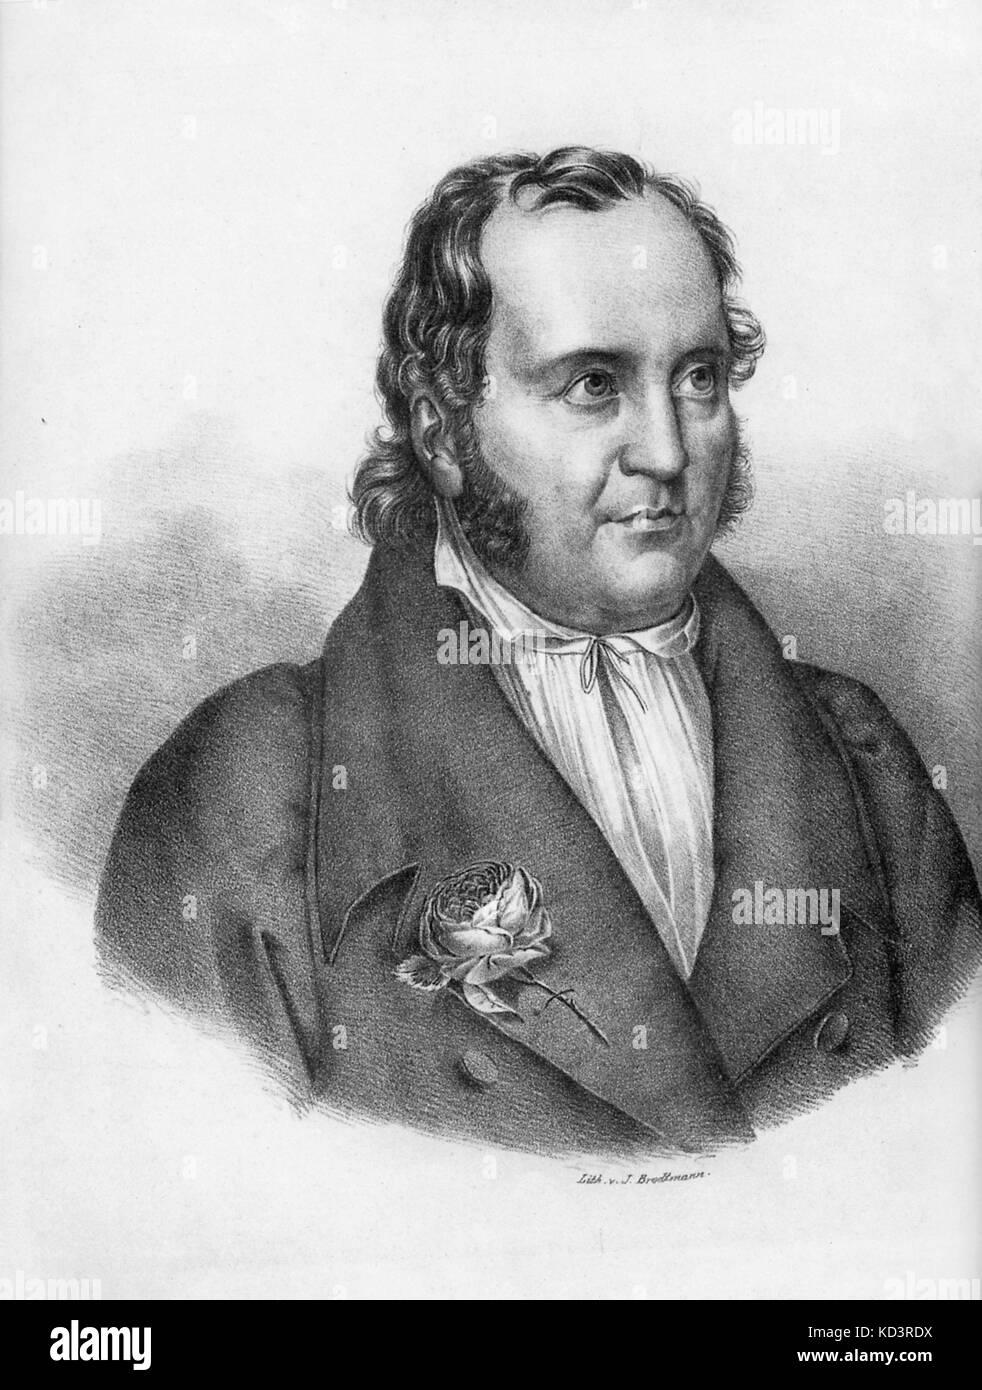 Johann Paul Friedrich Richter ou Jean Paul né Johann Paul Friedrich Richter. L'écrivain allemand. 21 mars 1763 - 14 novembre 1825 Banque D'Images